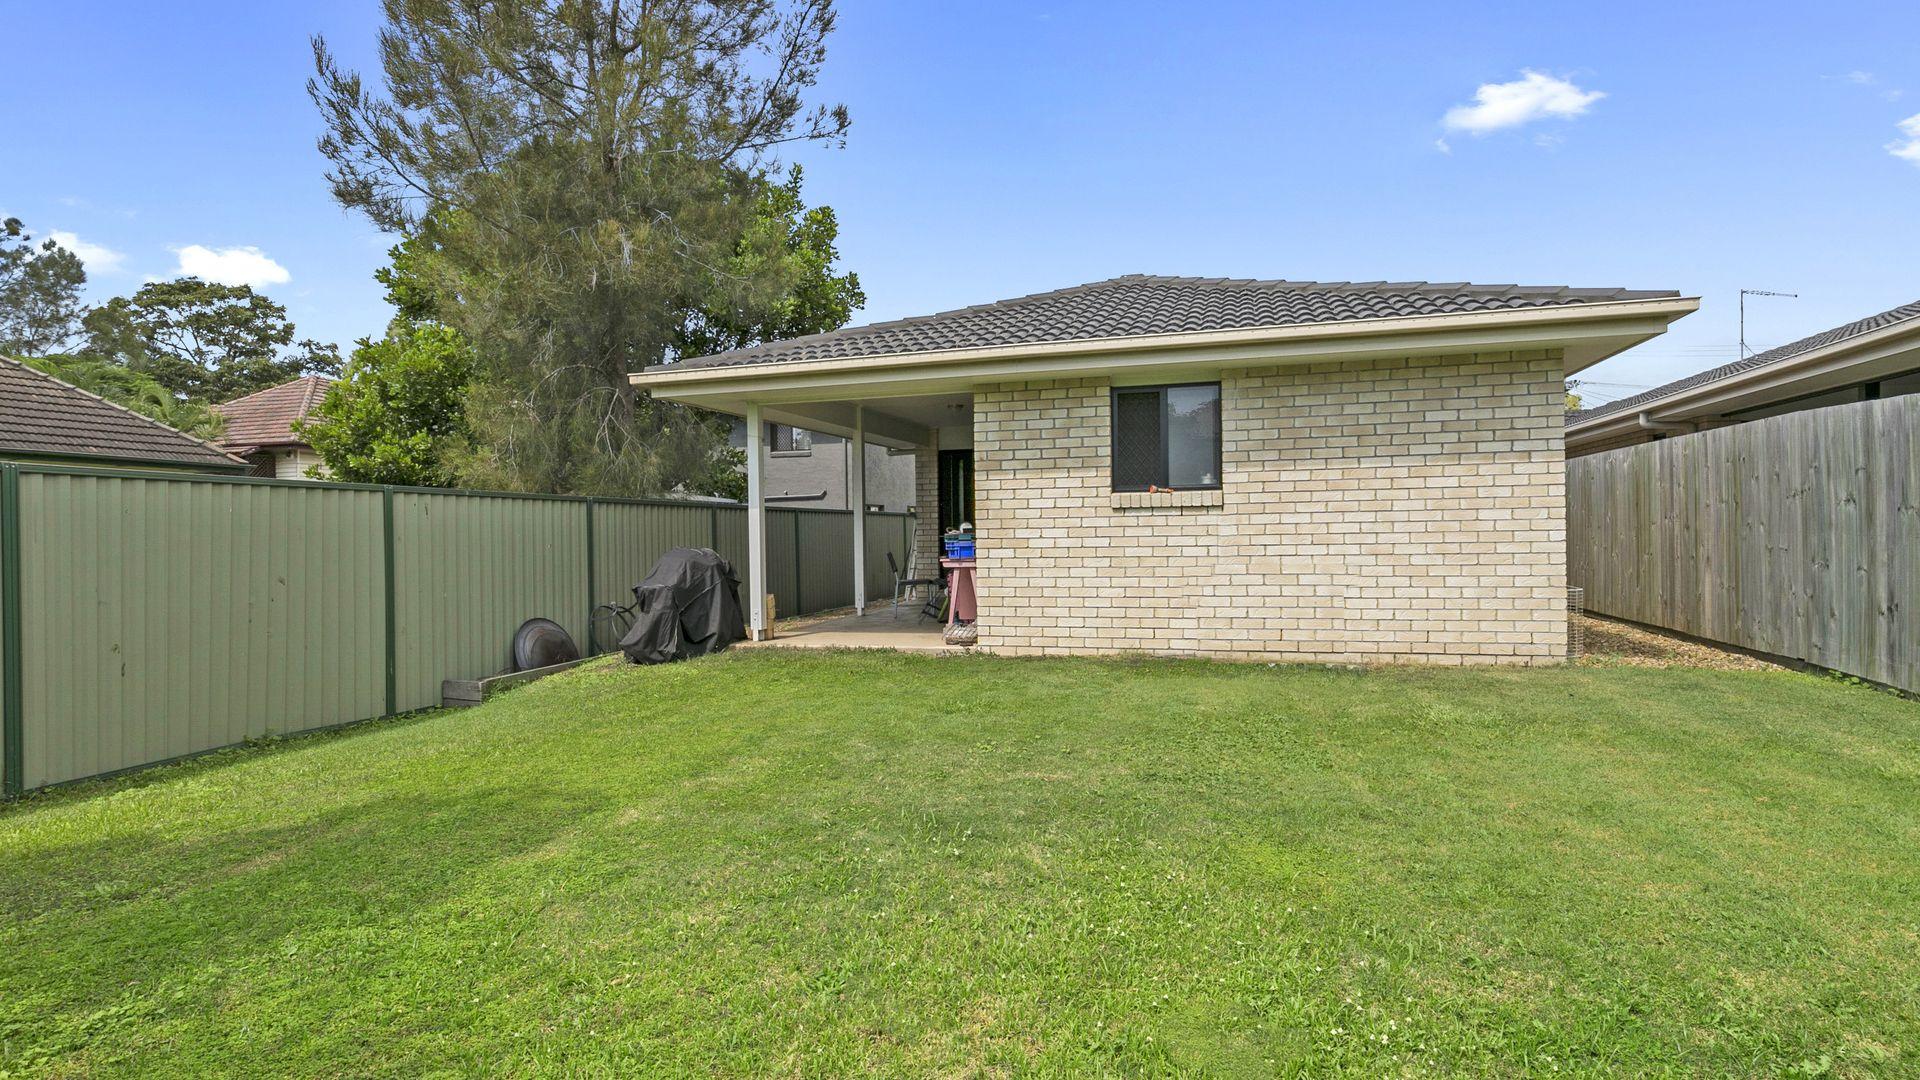 13 Biarra Street, Deagon QLD 4017, Image 1